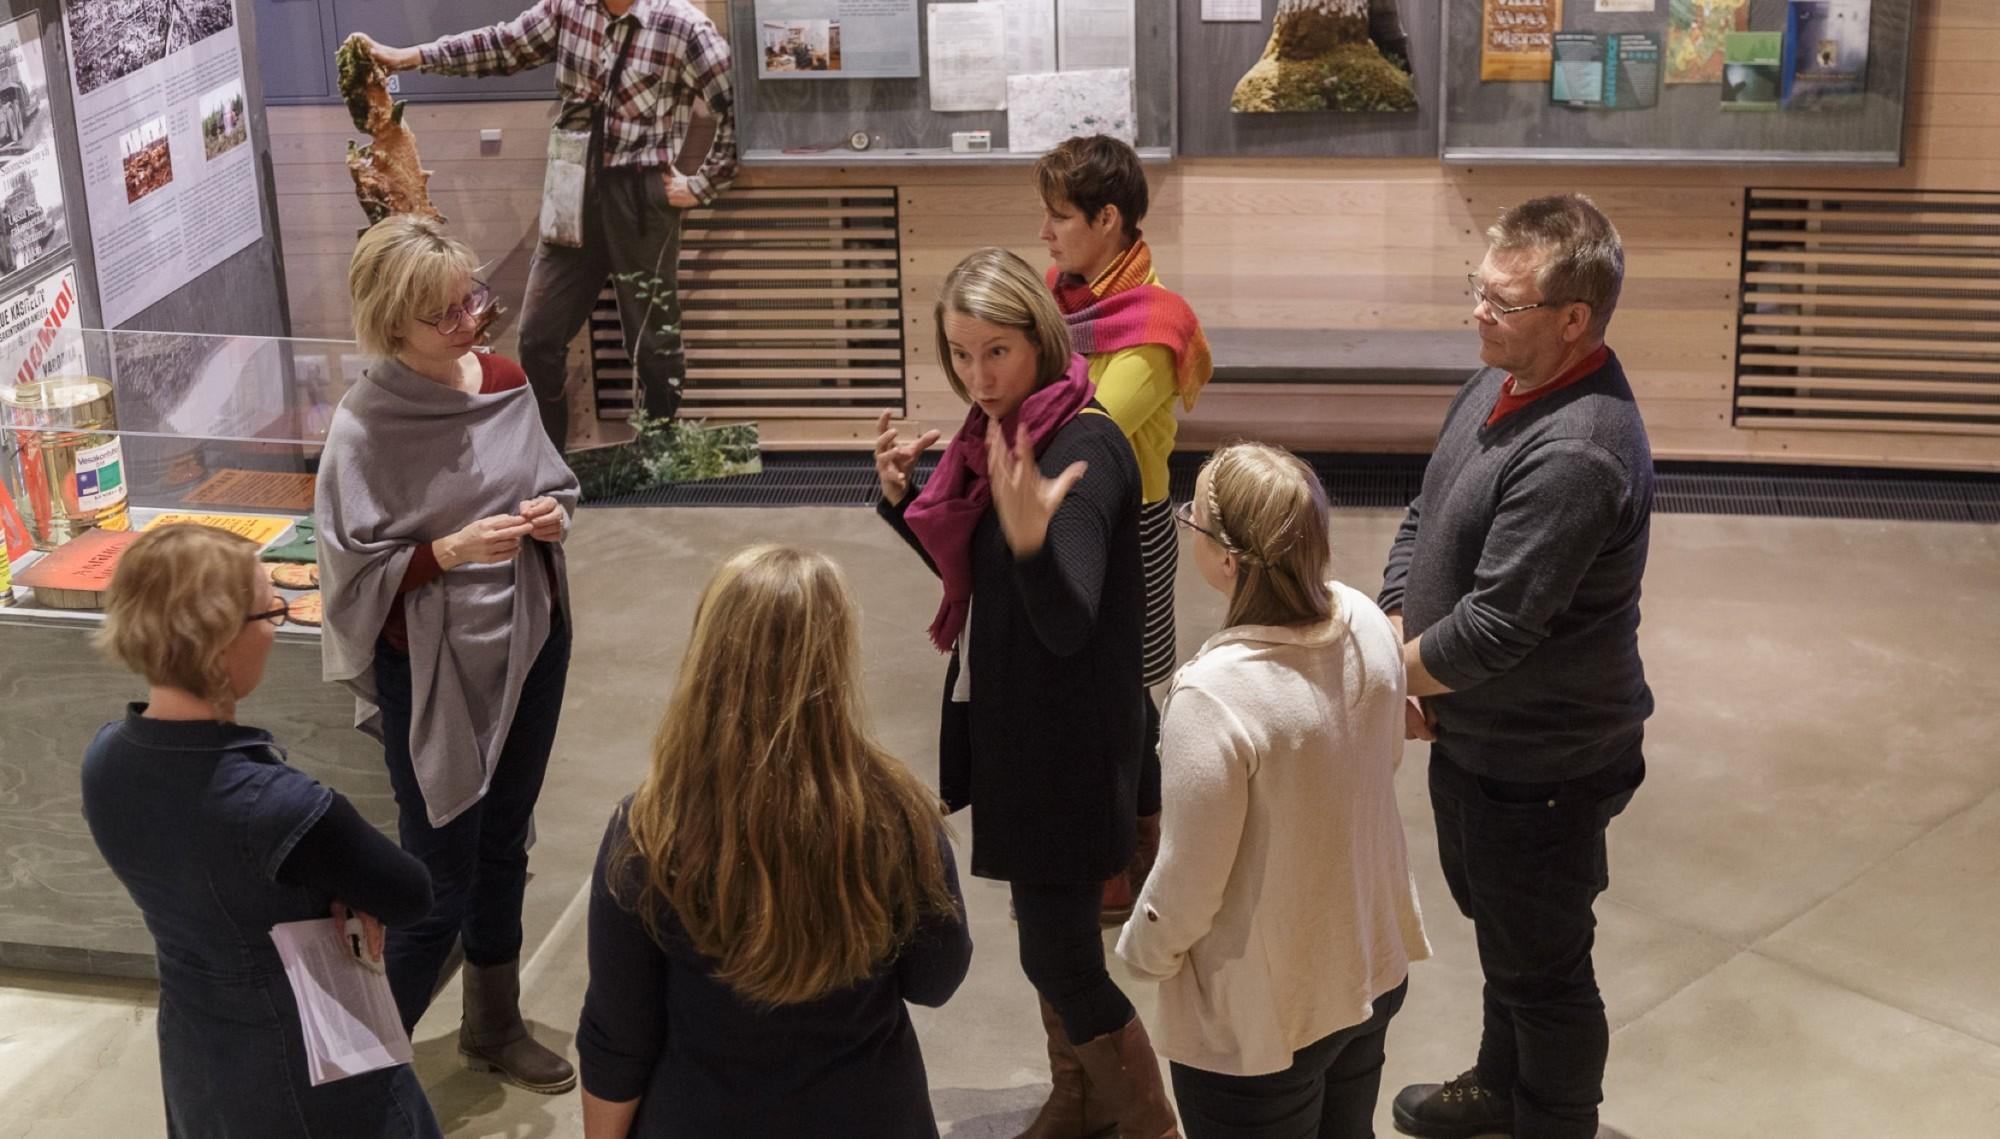 Ryhmä ihmisiä Lustossa, keskellä opas selittää ilmeikkäästi.